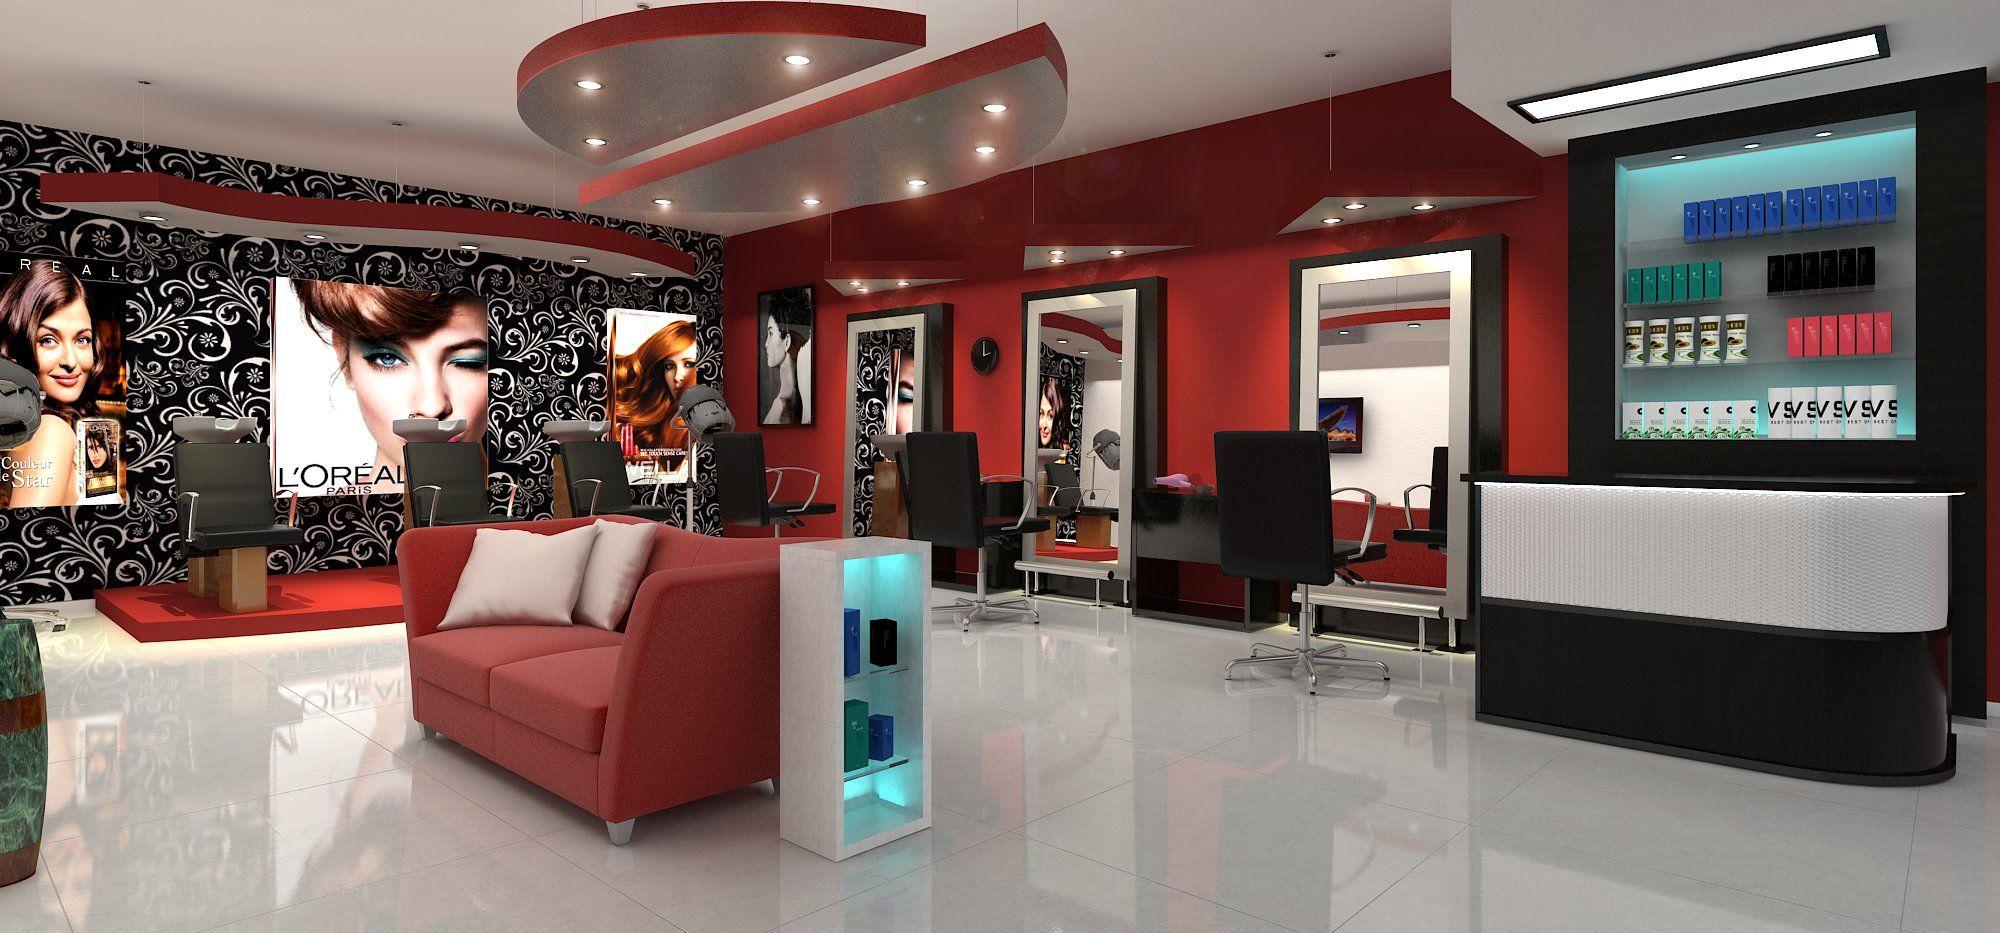 Peluquerias de dise o espacios peluquer as pinterest dise o de sal n salon de peluqueria - Diseno peluqueria ...